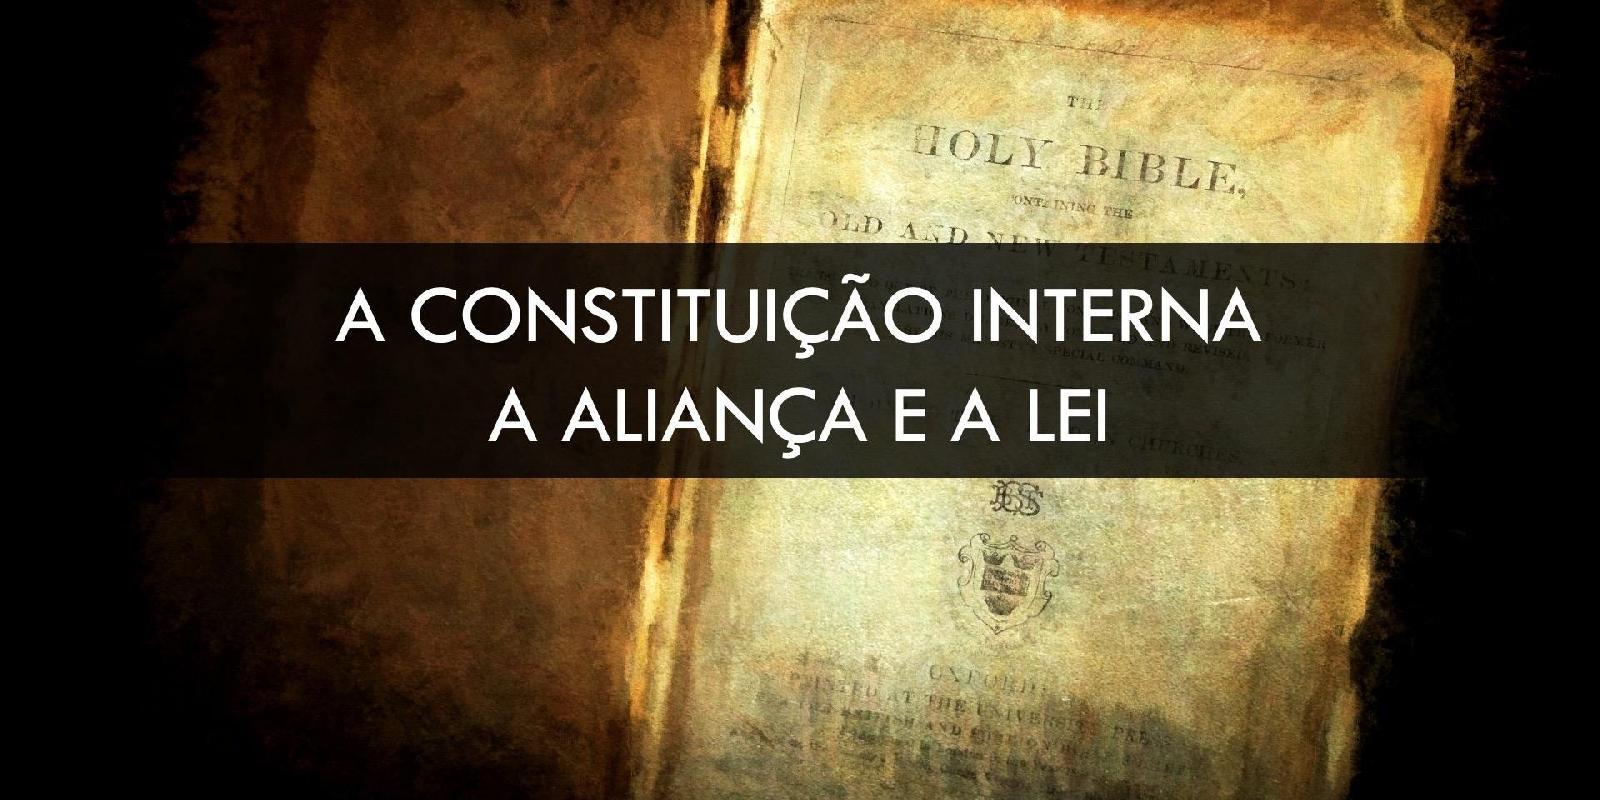 Constituição Interna pela Aliança e Lei